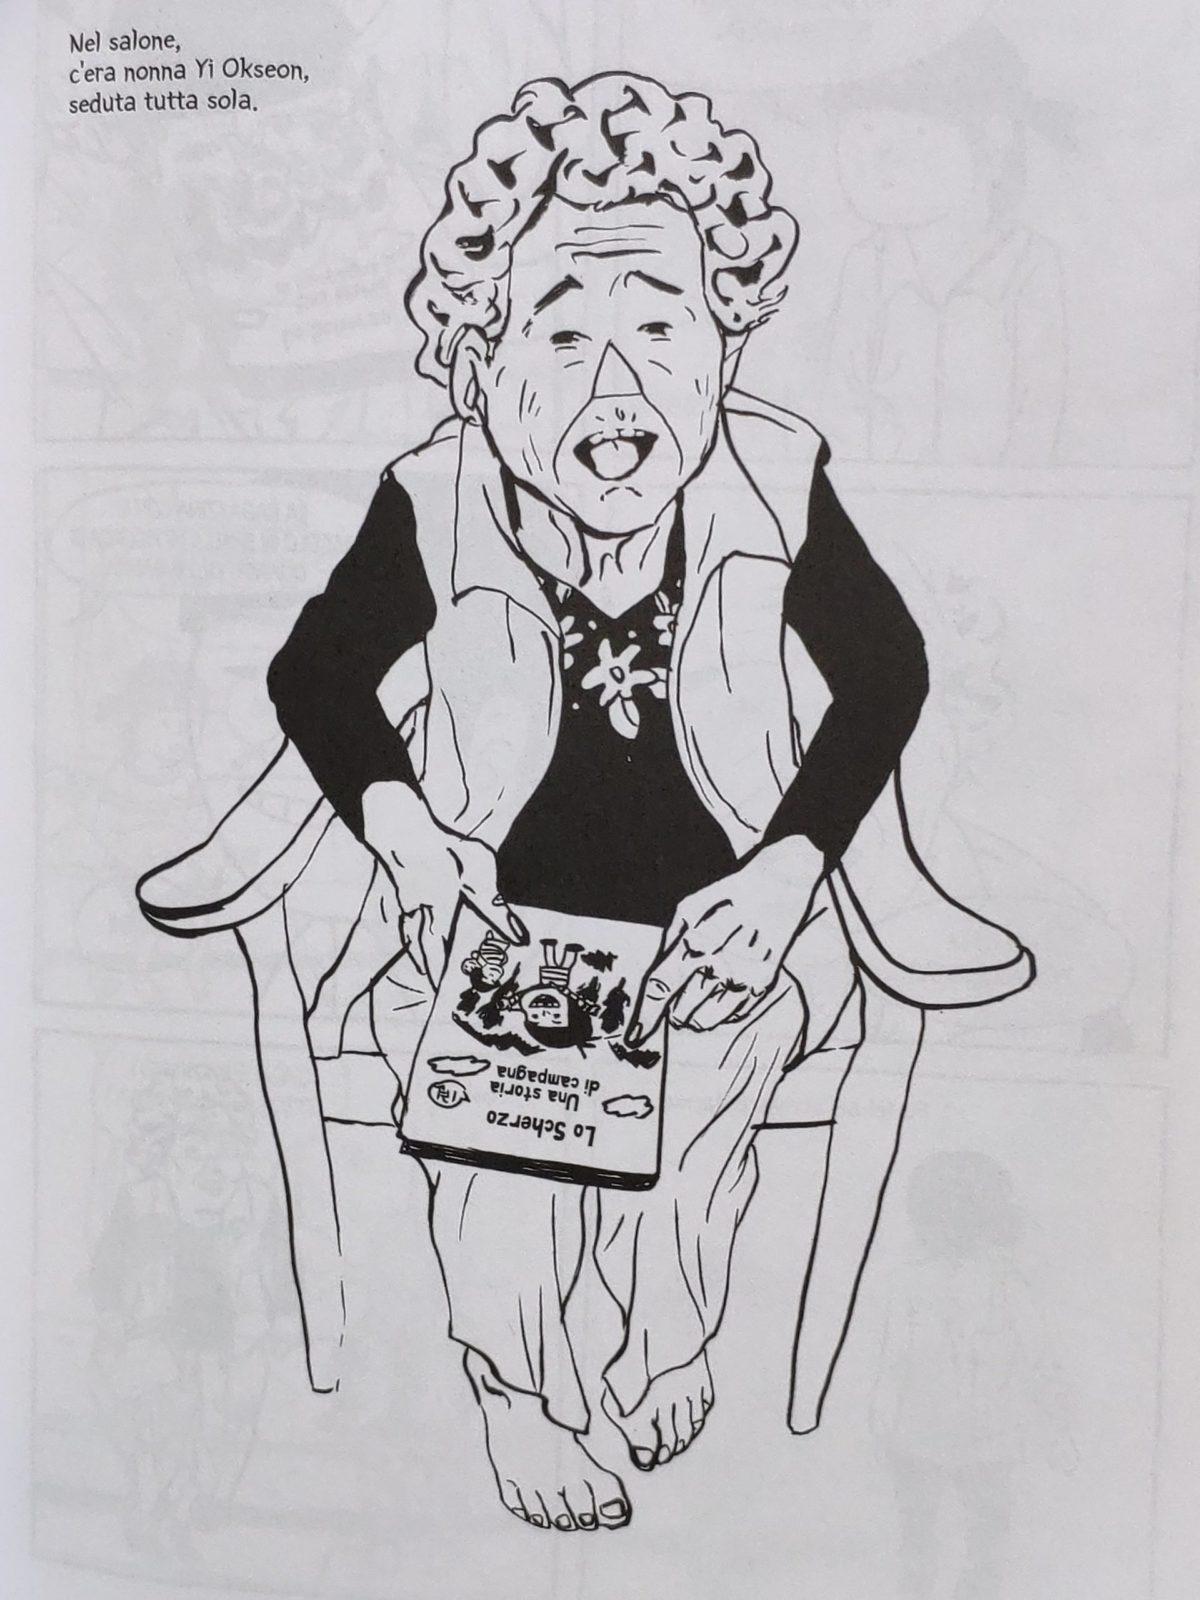 Mio caro fumetto... - Le Malerbe nasce dalla testimonianza di nonna Yi Okseon